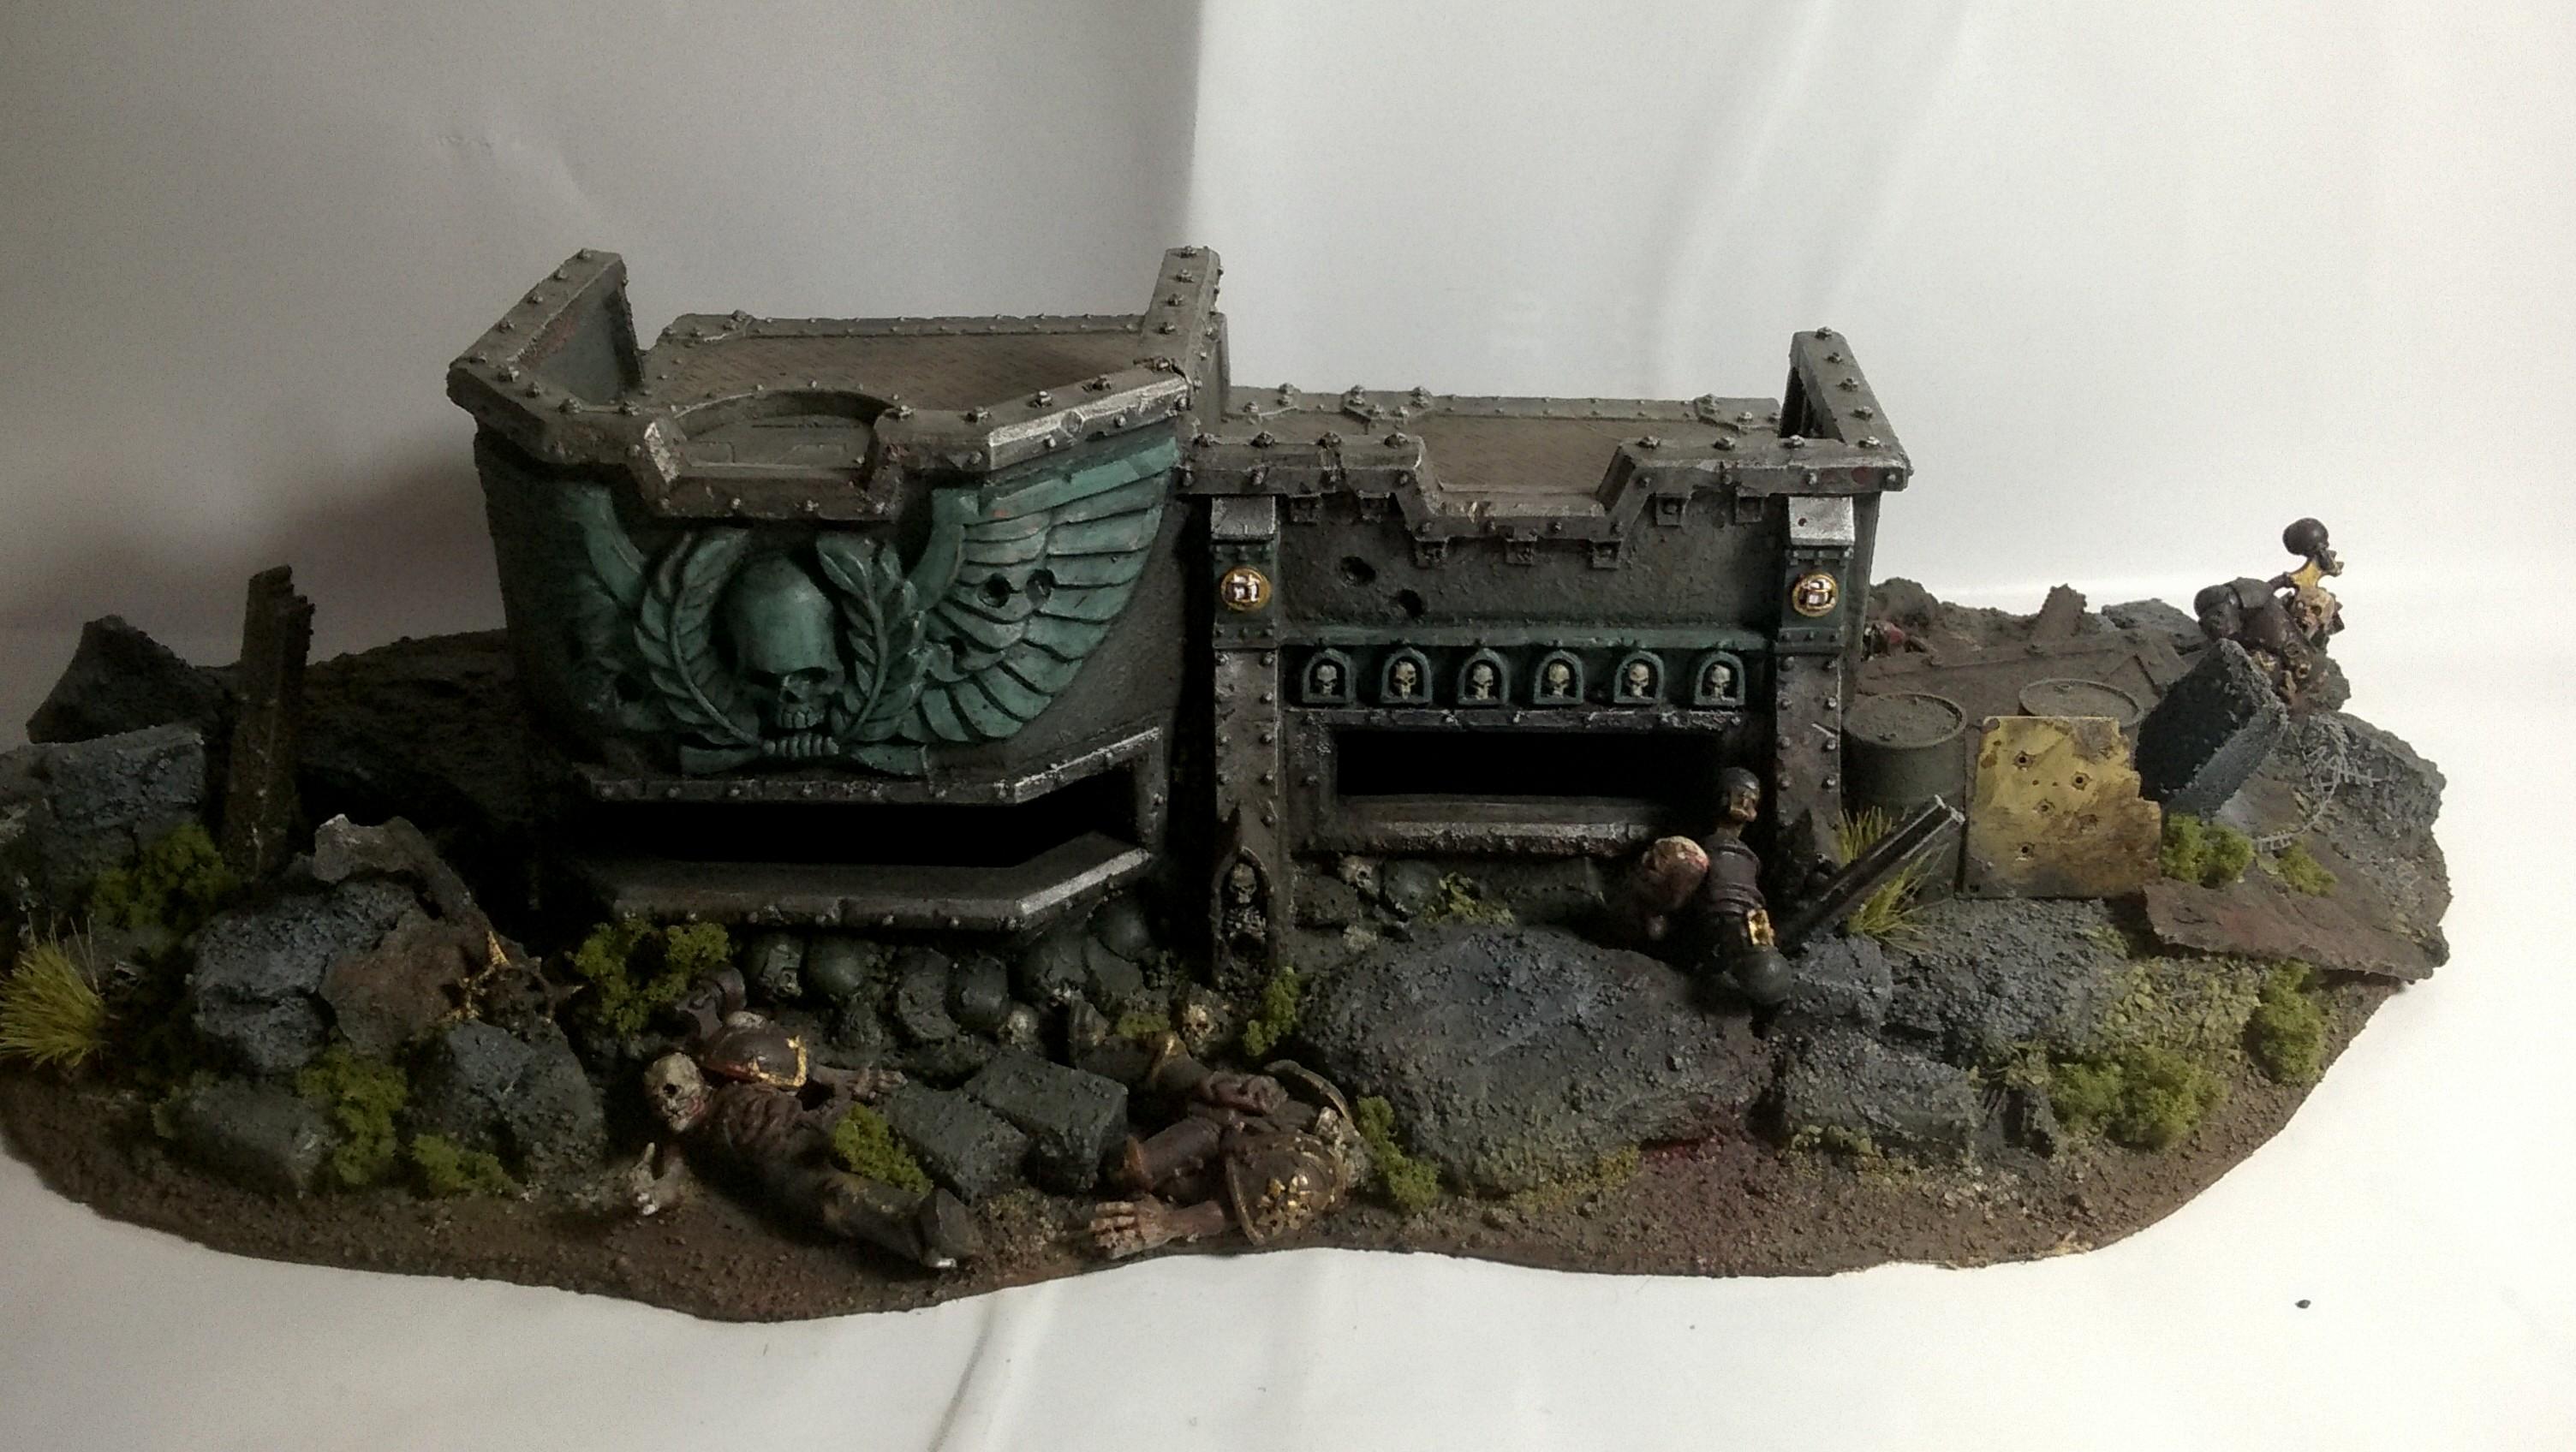 Bunker, Merlin, Terrain